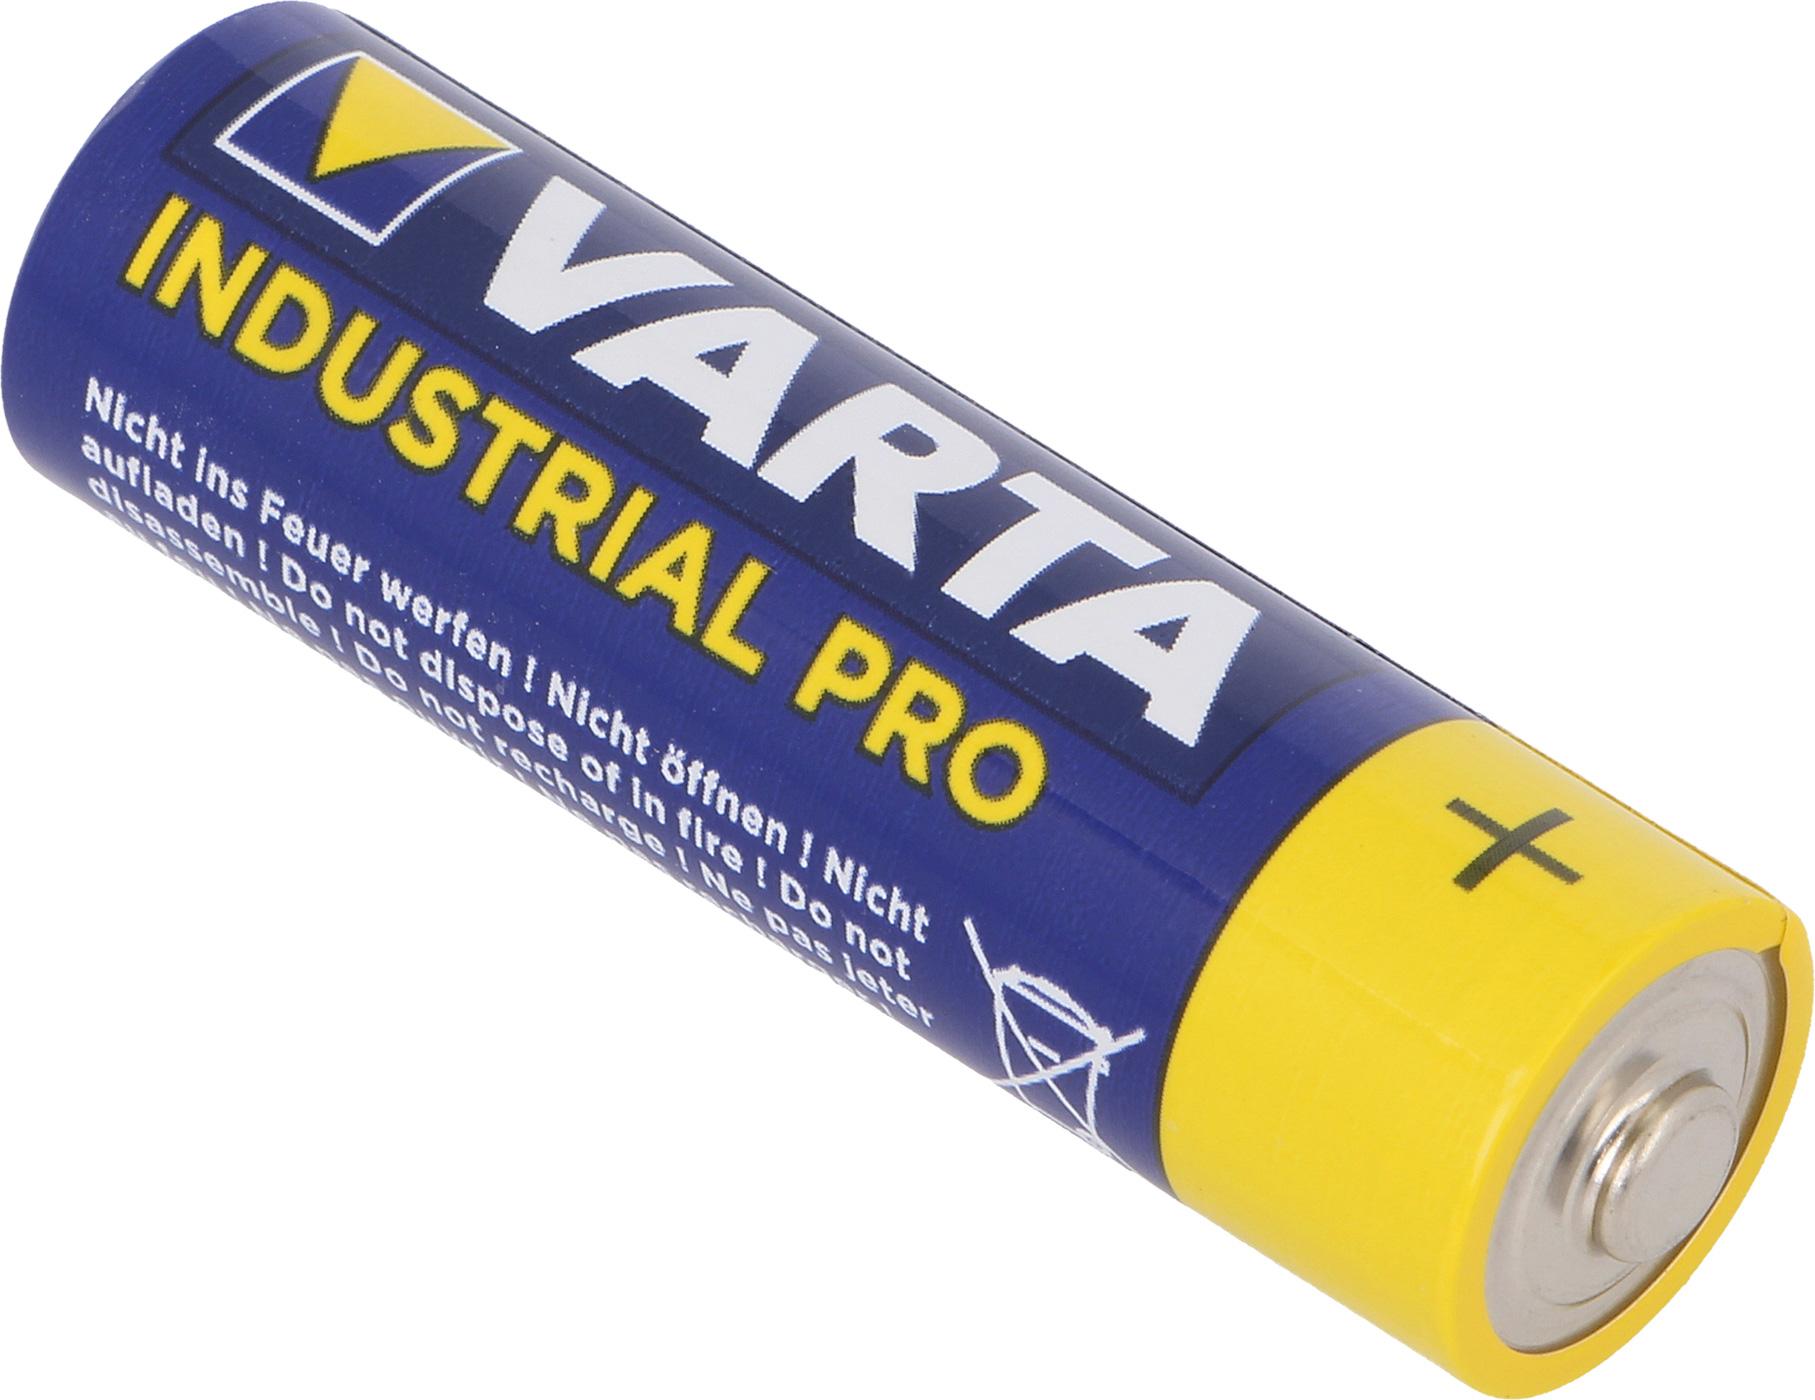 BAT-LR6/V VARTA alkaline cell